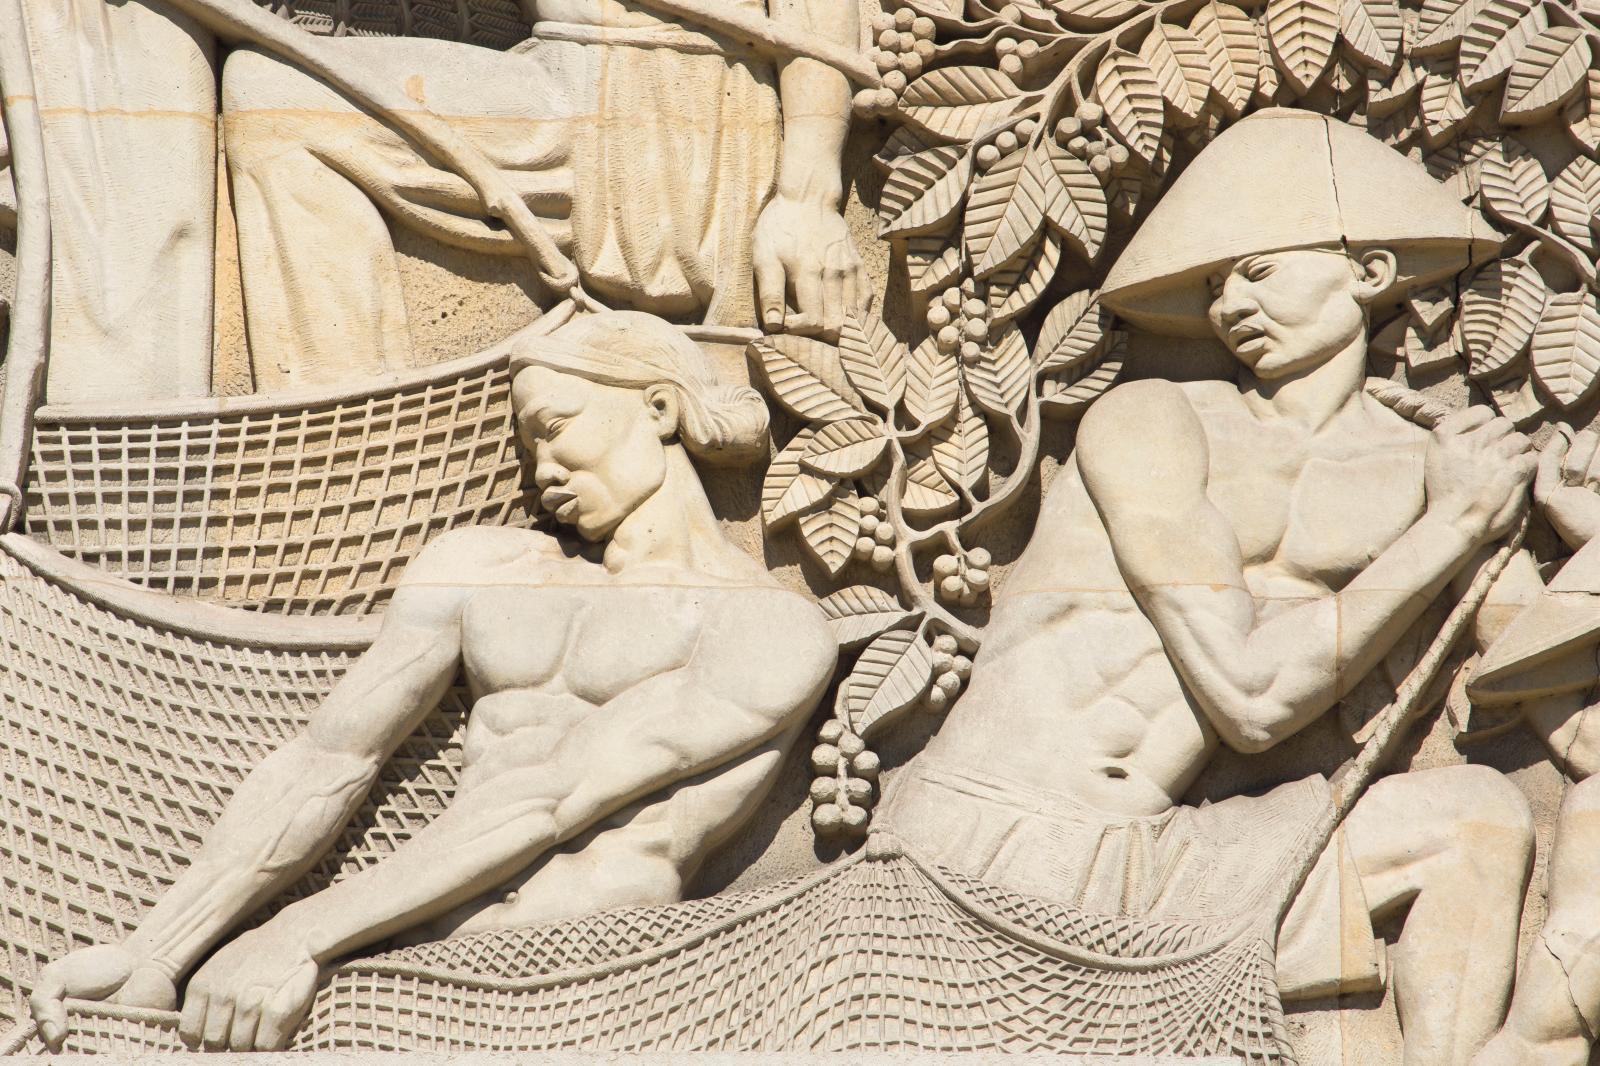 Bas-reliefs de la façade du palais de la Porte-Dorée (détail de la Cochinchine avec pêcheurs). Photo Pascal Lemaître